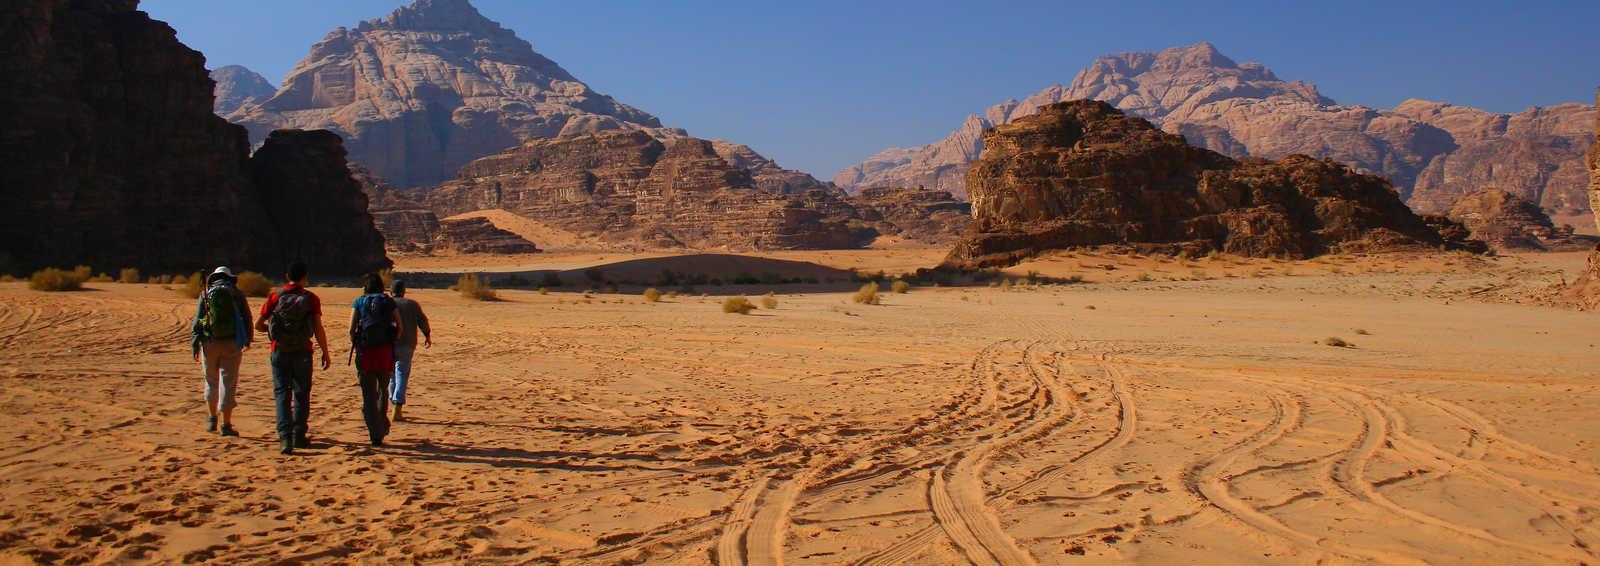 Walking in Wadi Rum